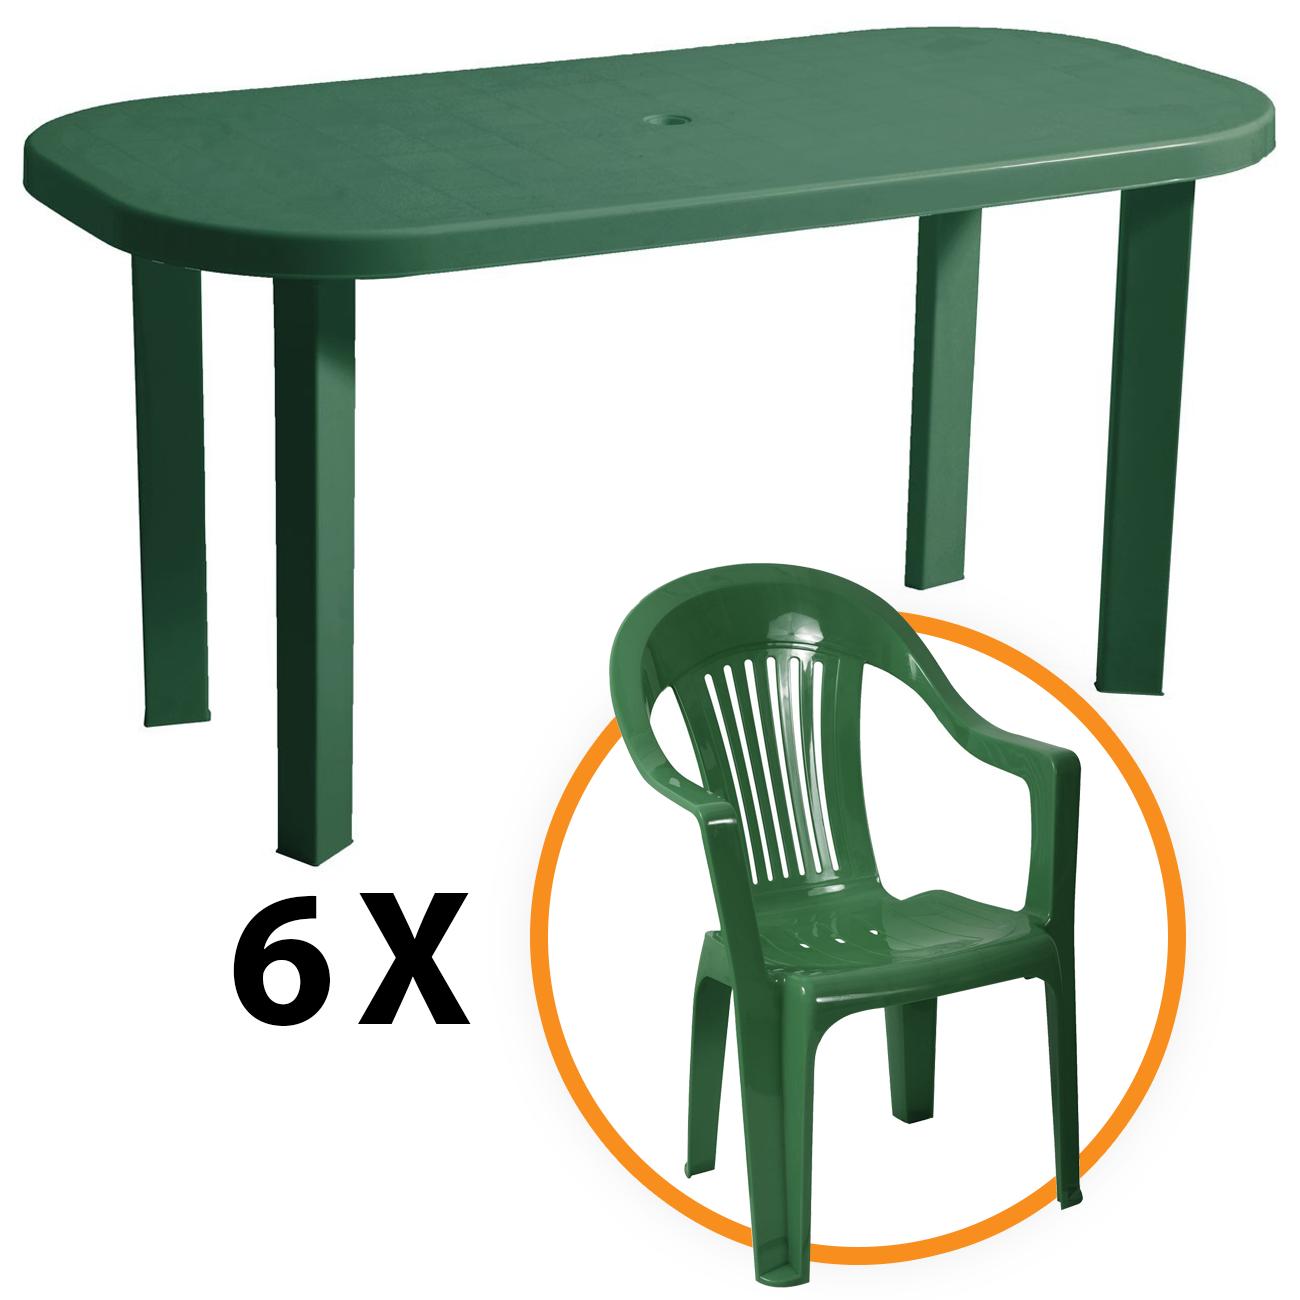 Dedeman Set Masa Garden 6 Scaune Sole Pentru Gradina Verde Din Plastic Dedicat Planurilor Tale